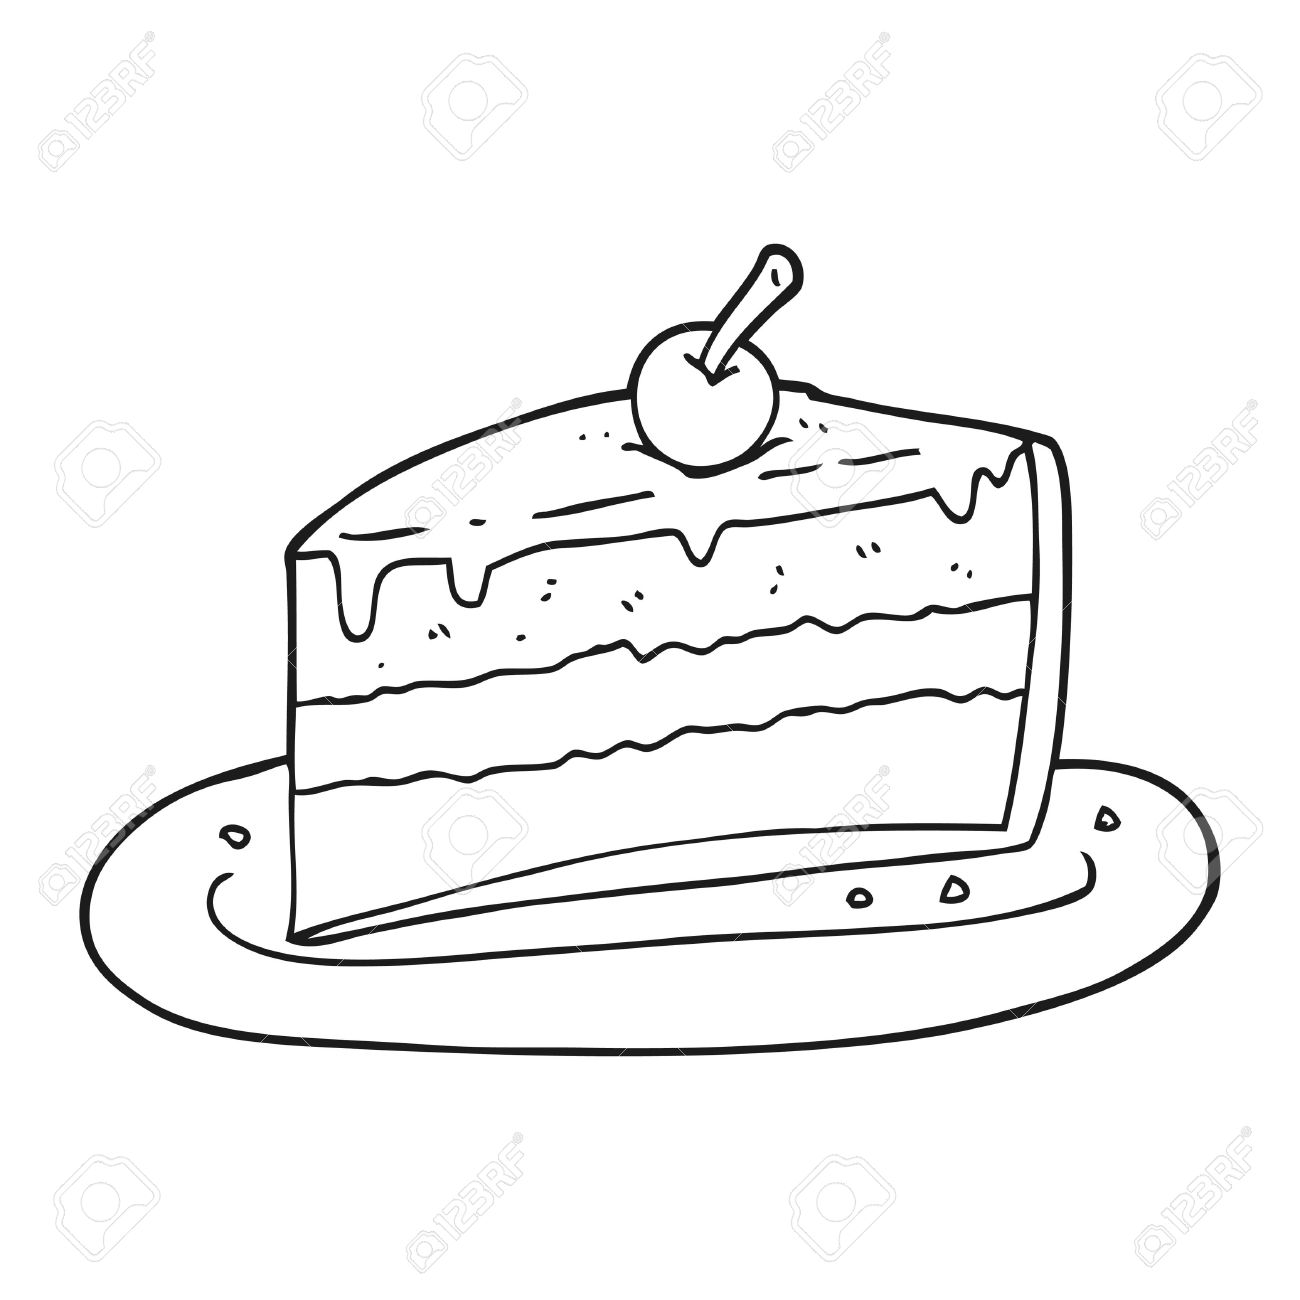 Freihandig Gezeichnet Schwarz Und Weiss Cartoon Stuck Kuchen